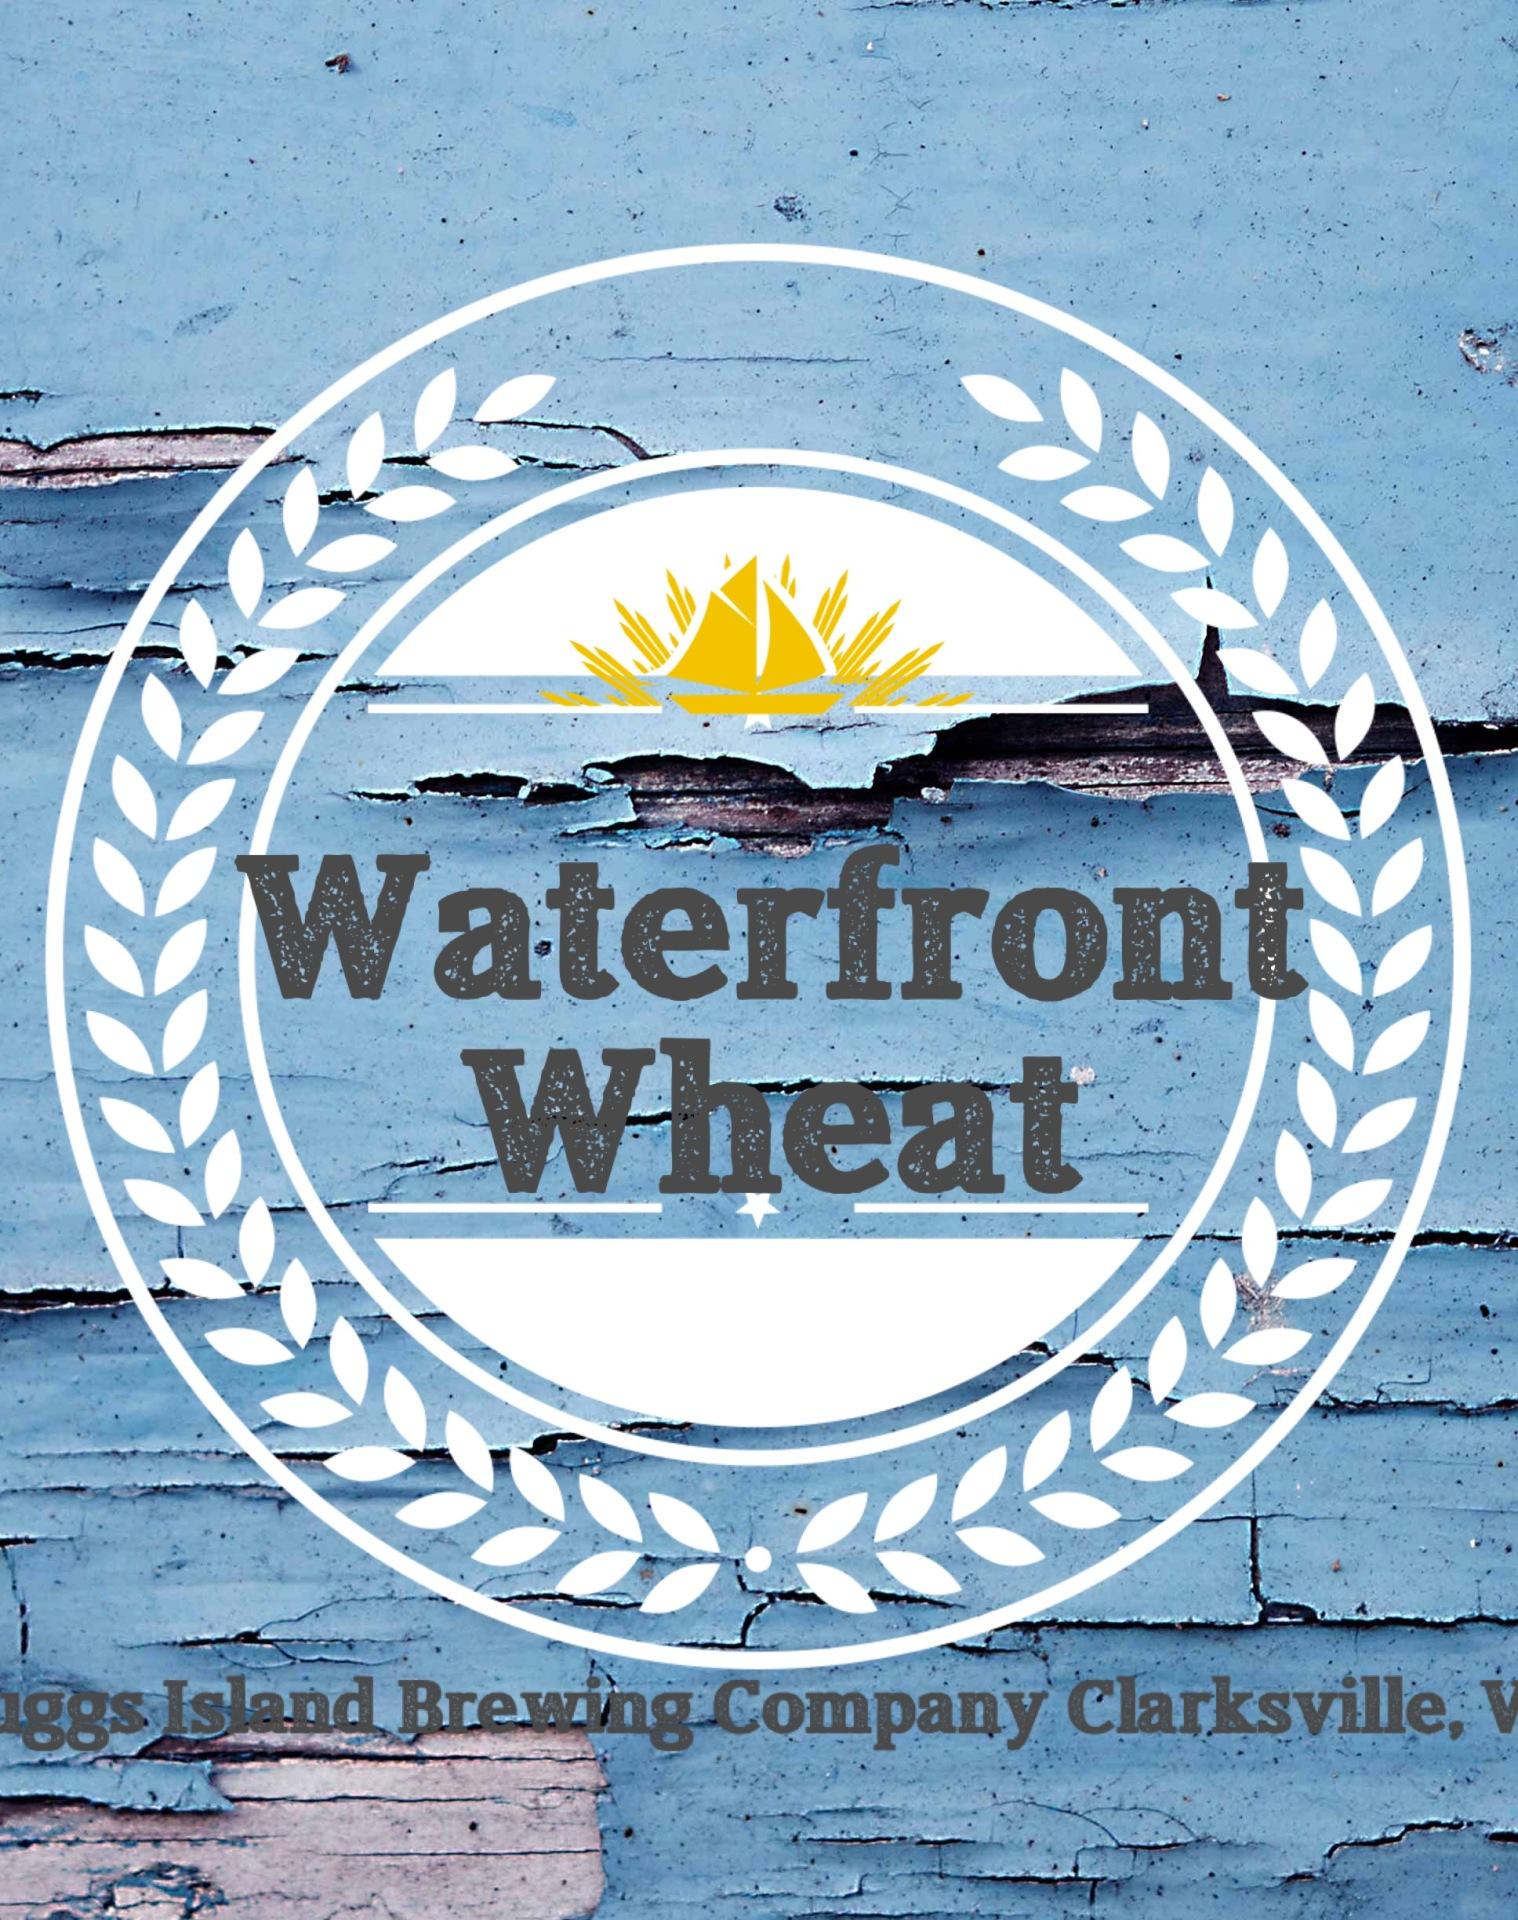 Waterfront Wheat